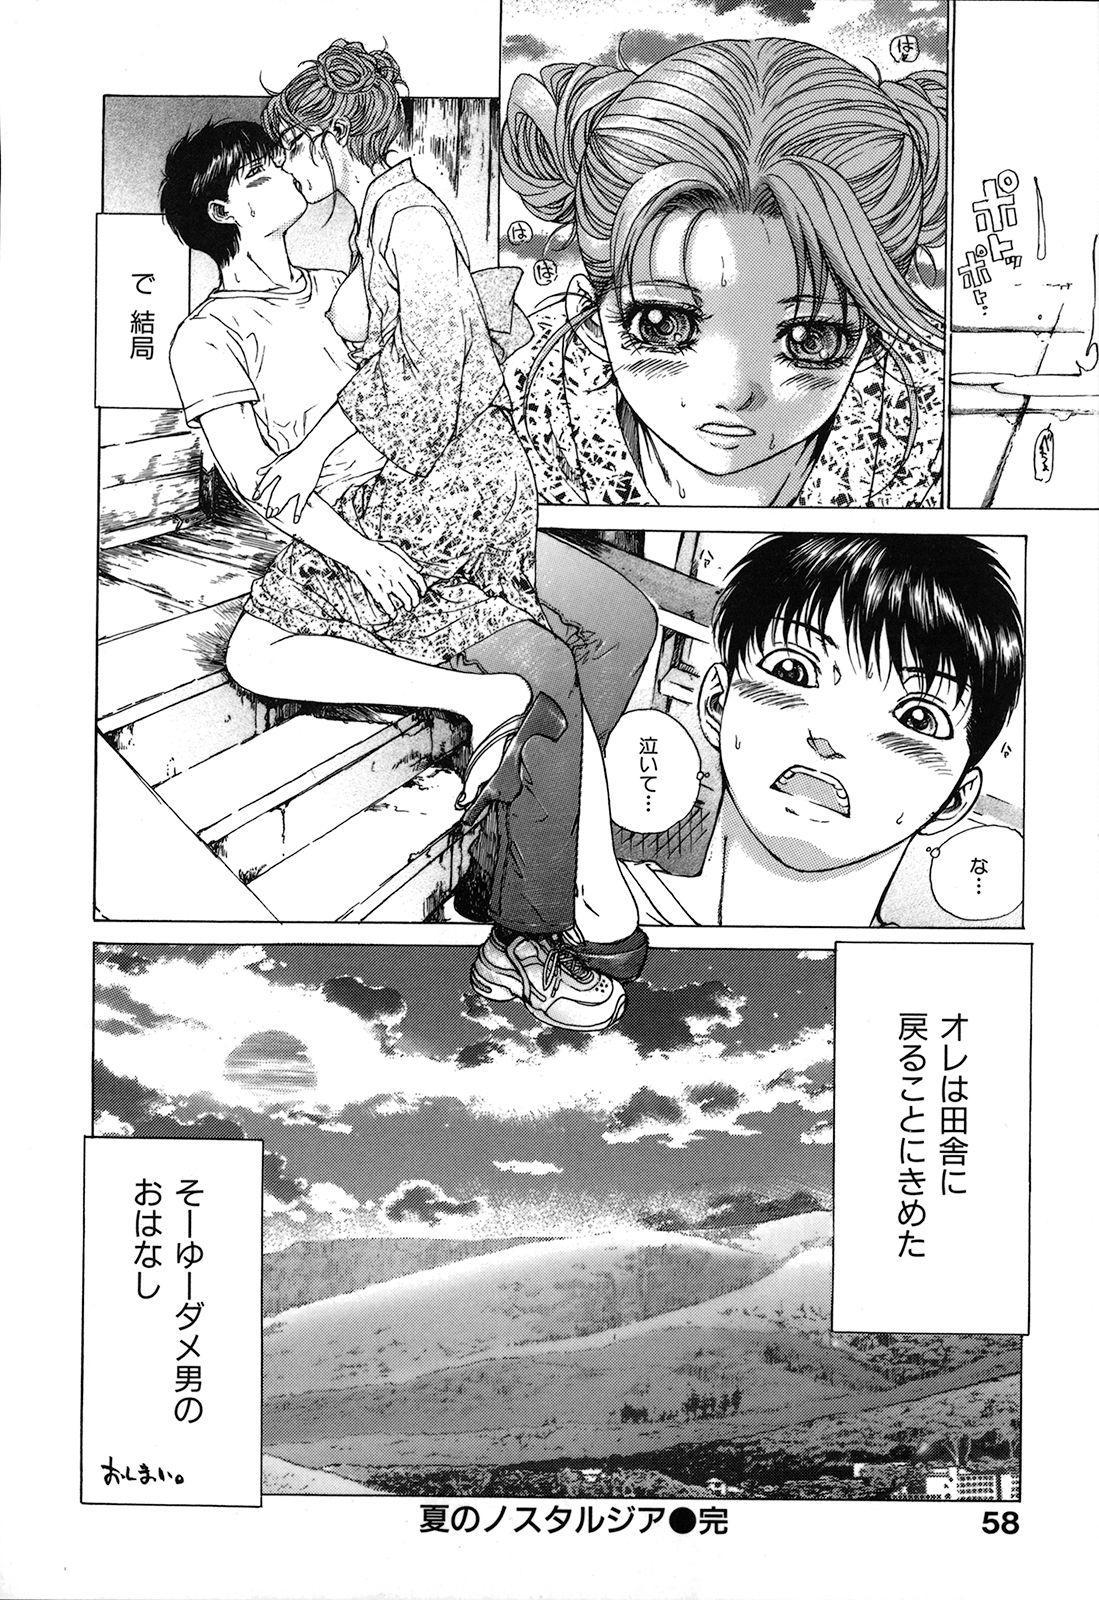 Kou Musume 61